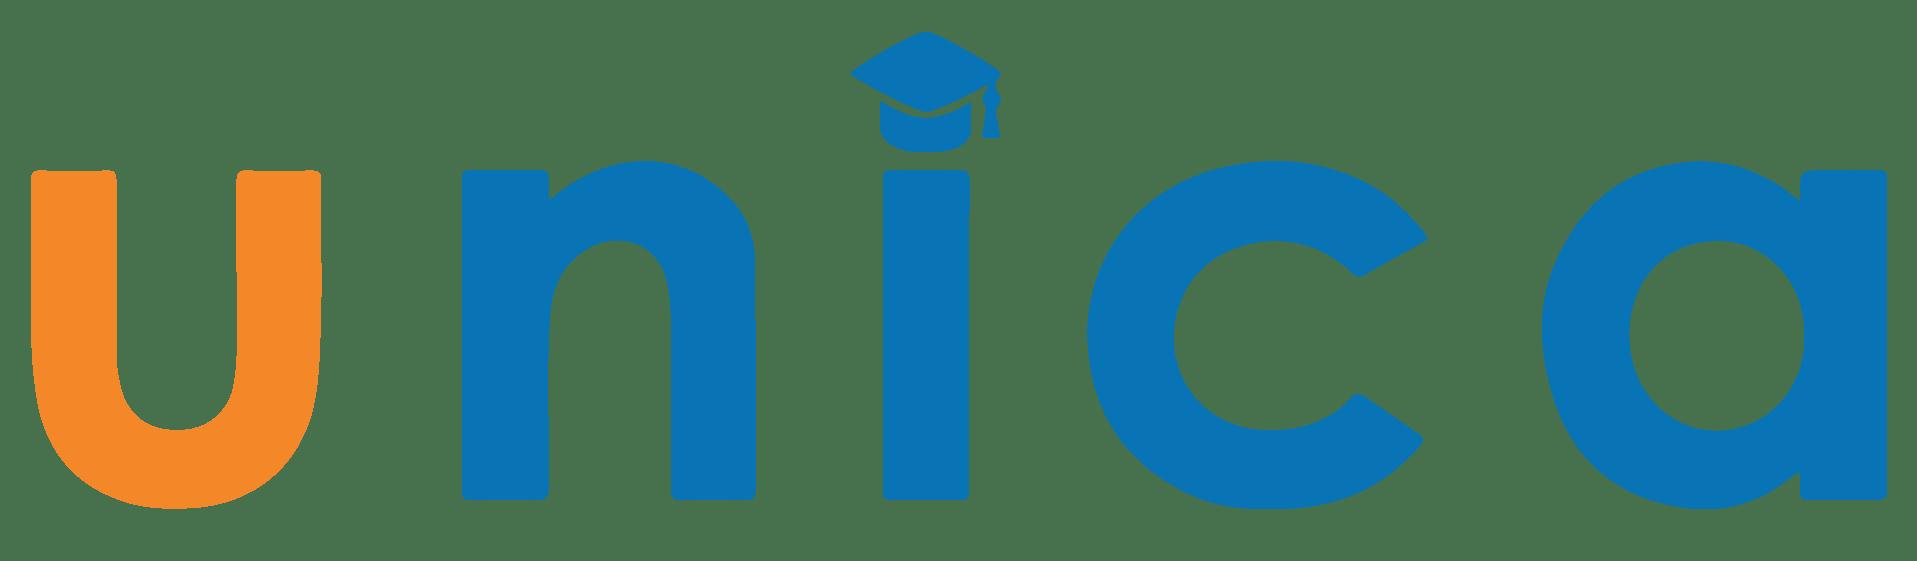 Giảm 40% Học phí Unica